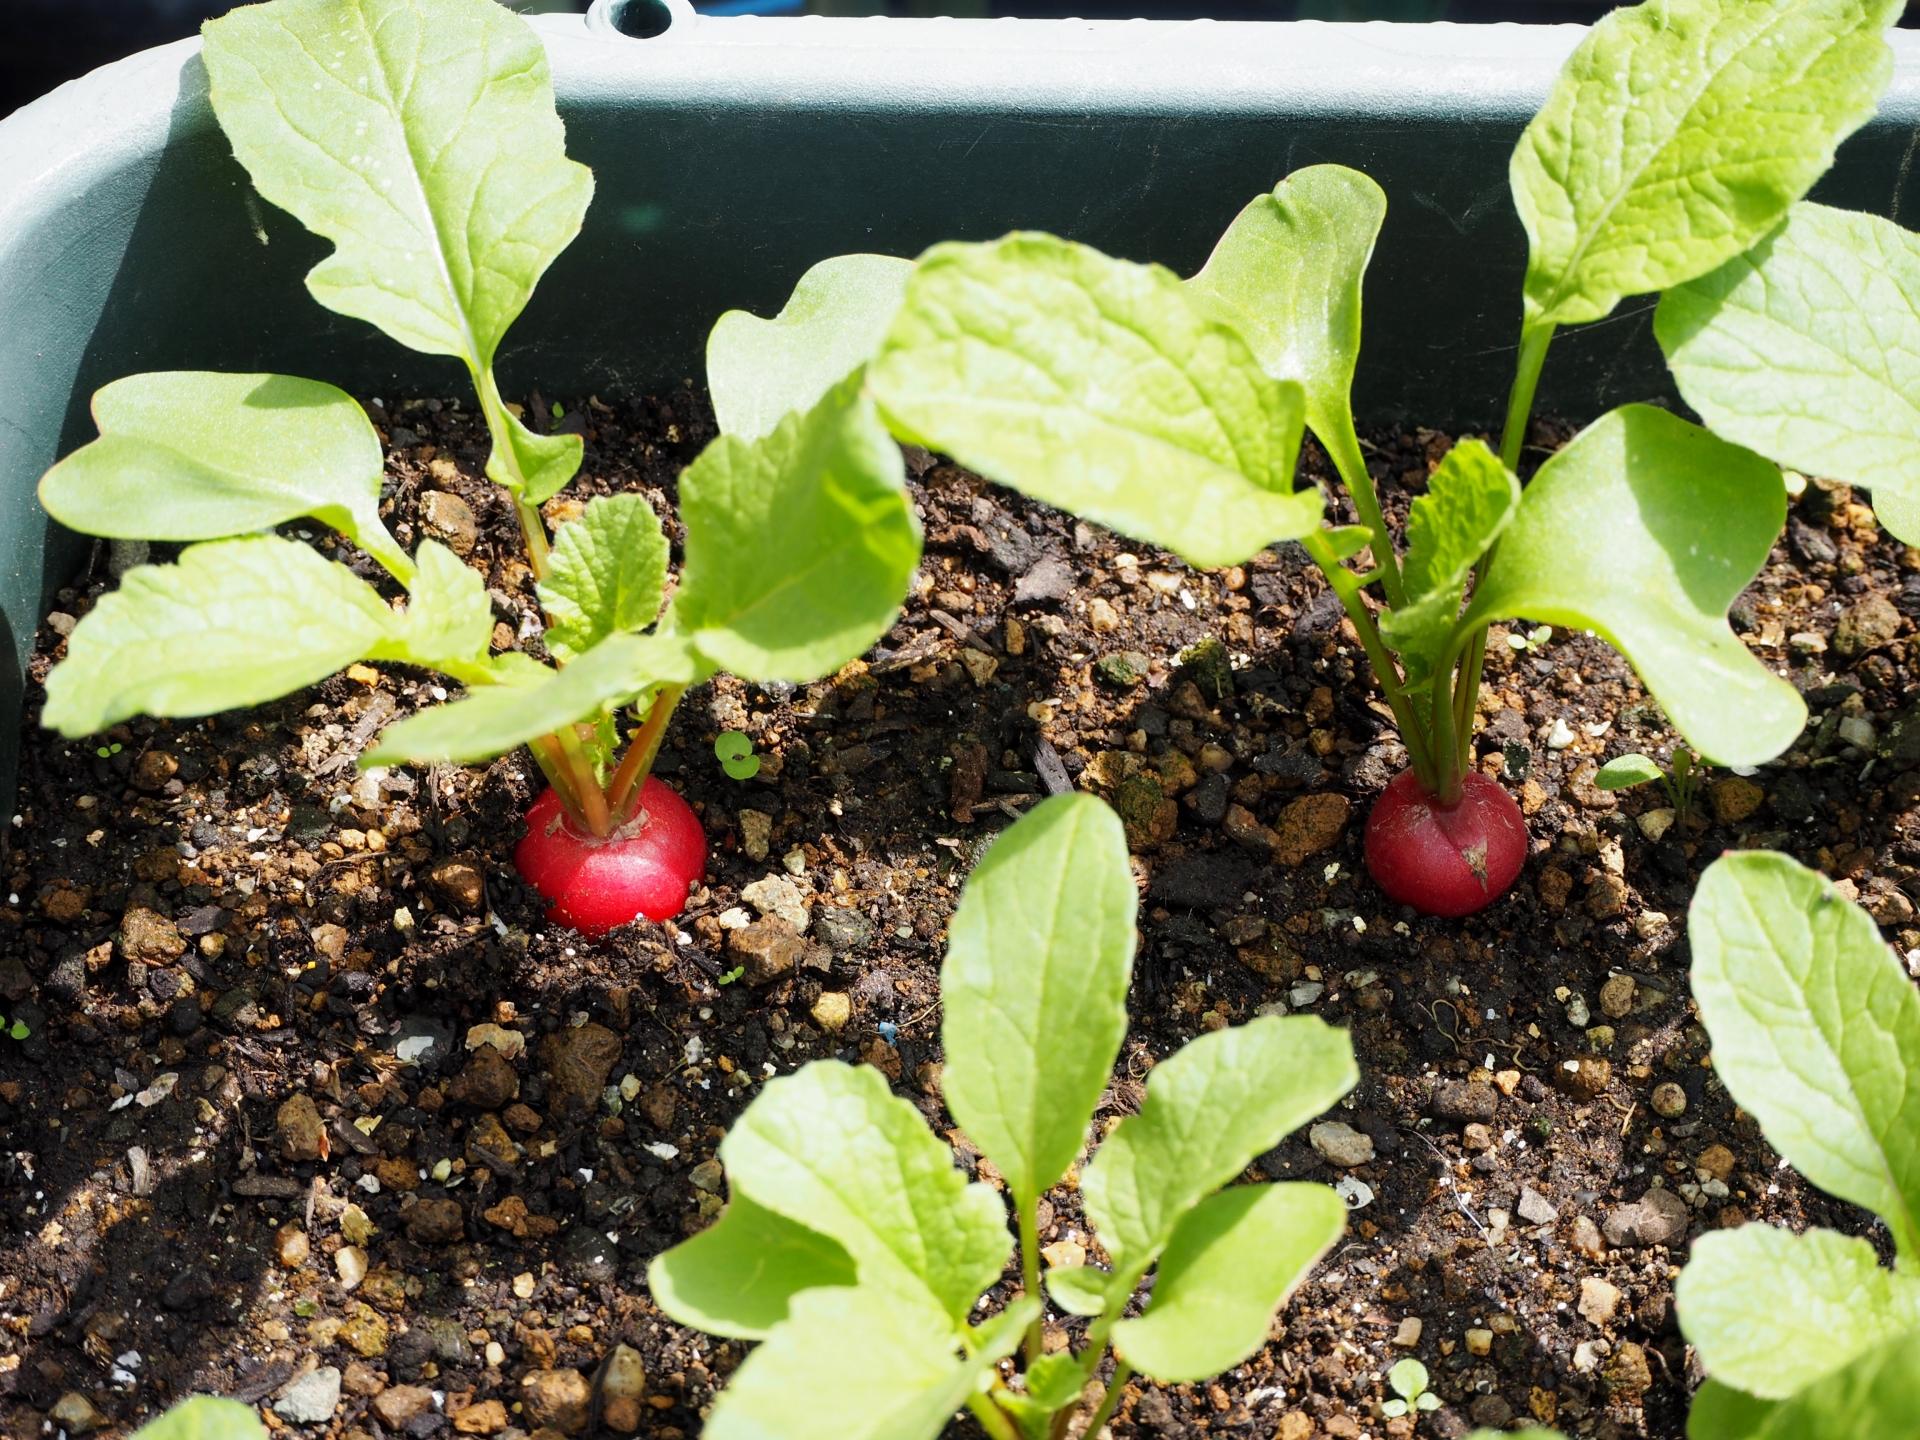 家庭菜園向けの植物おすすめ17選!ベランダや室内で簡単野菜づくり